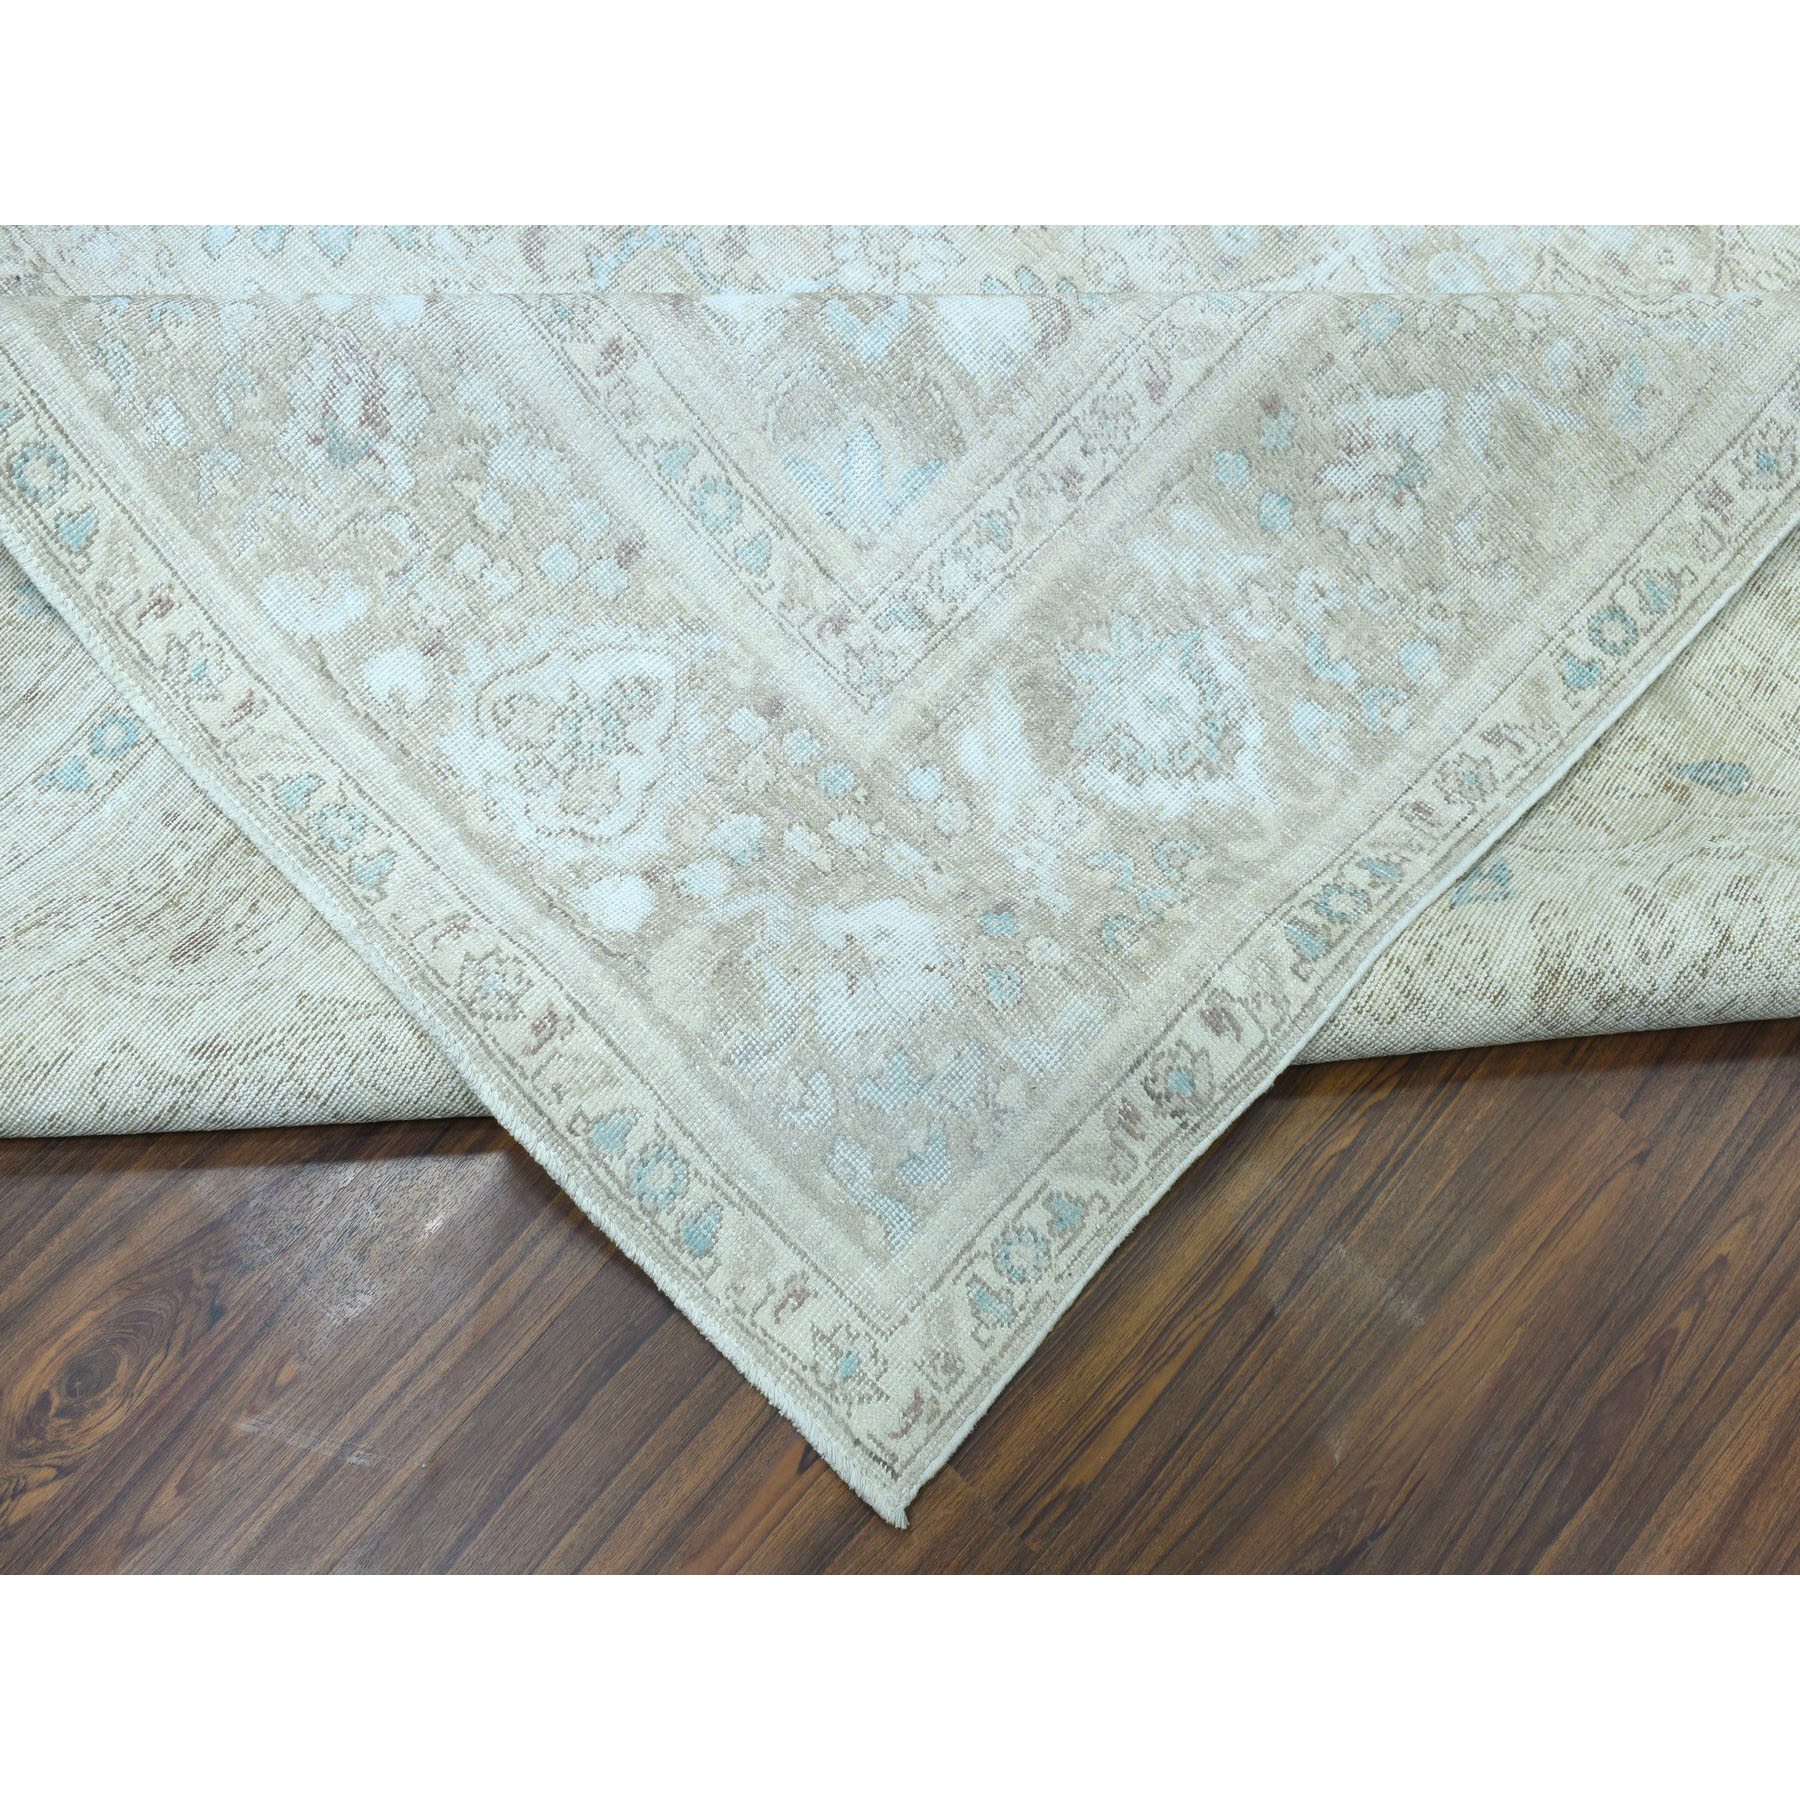 """9'7""""x13'4"""" Vintage White Wash Tabriz Worn Wool Hand-Knotted Oriental Rug"""